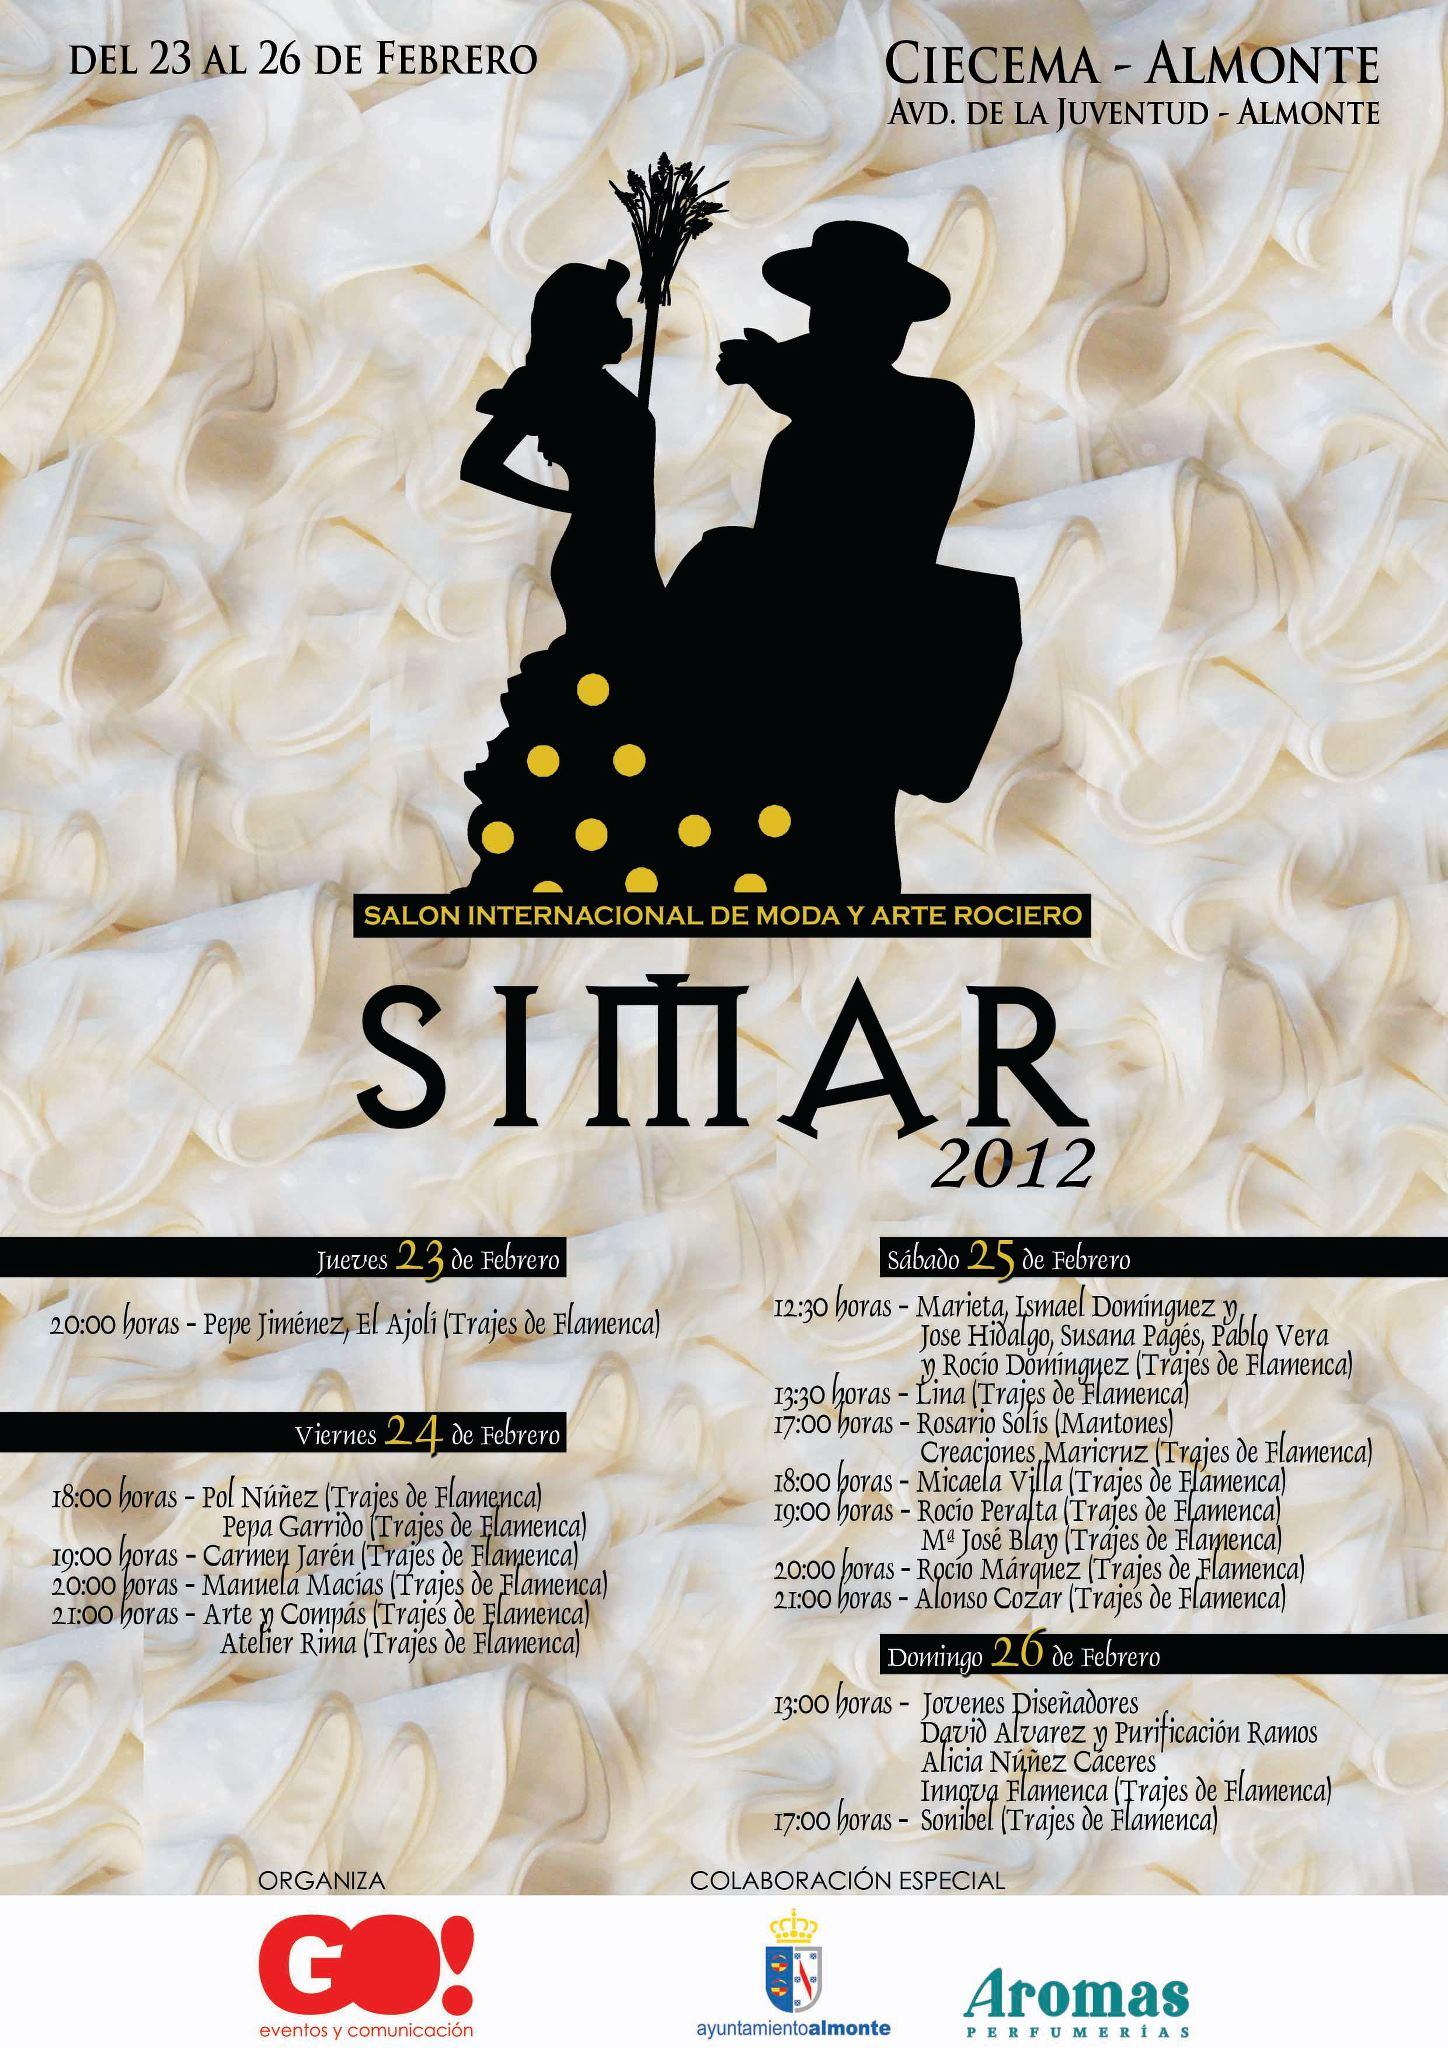 Simar 2012: Cartel y Programación